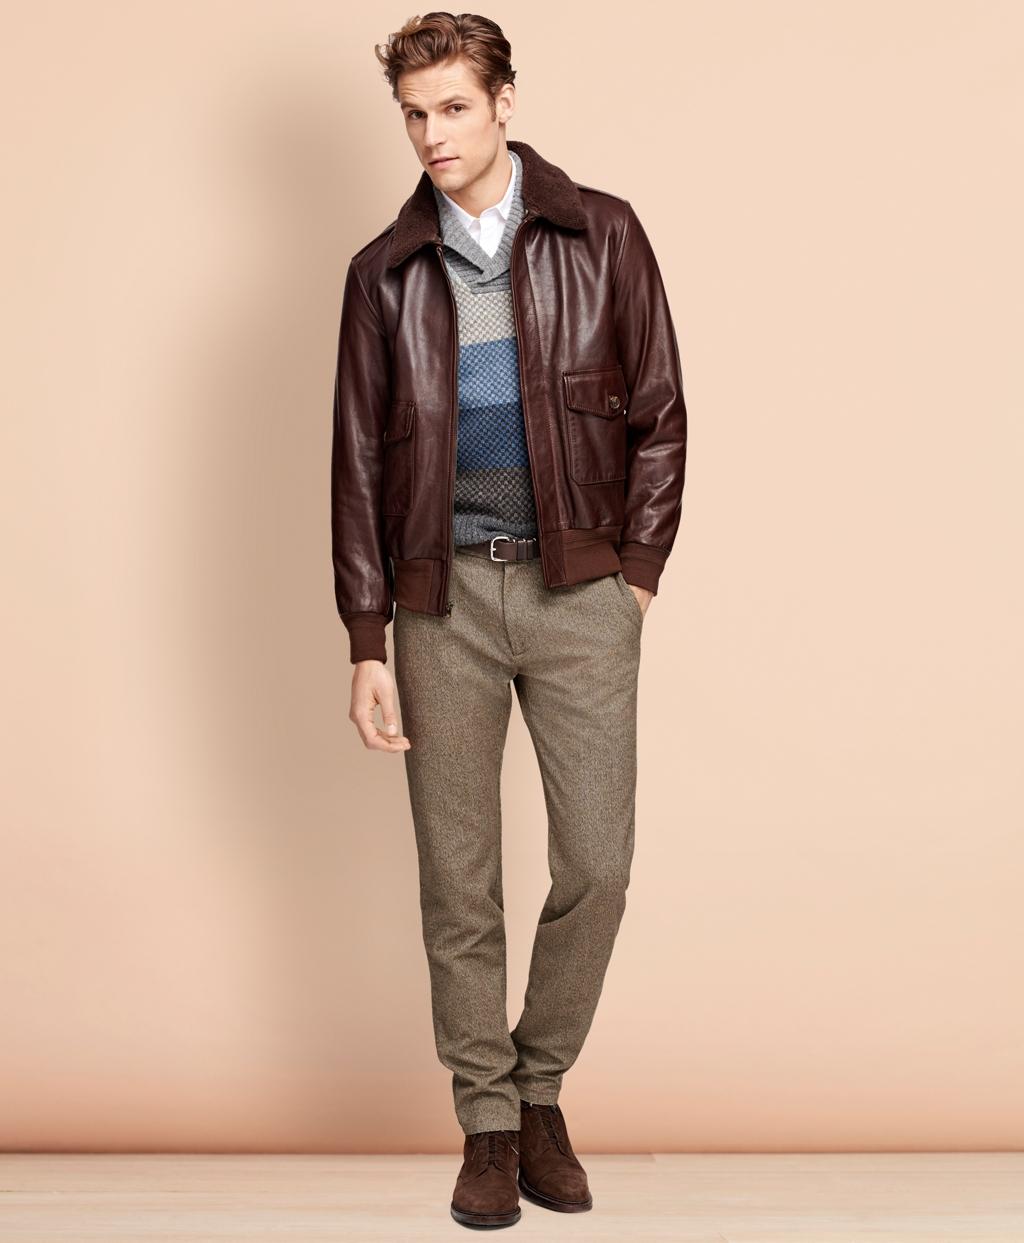 50s Men's Jackets| Greaser Jackets, Leather, Bomber, Gaberdine Brooks Brothers Mens Leather Bomber Jacket $898.00 AT vintagedancer.com